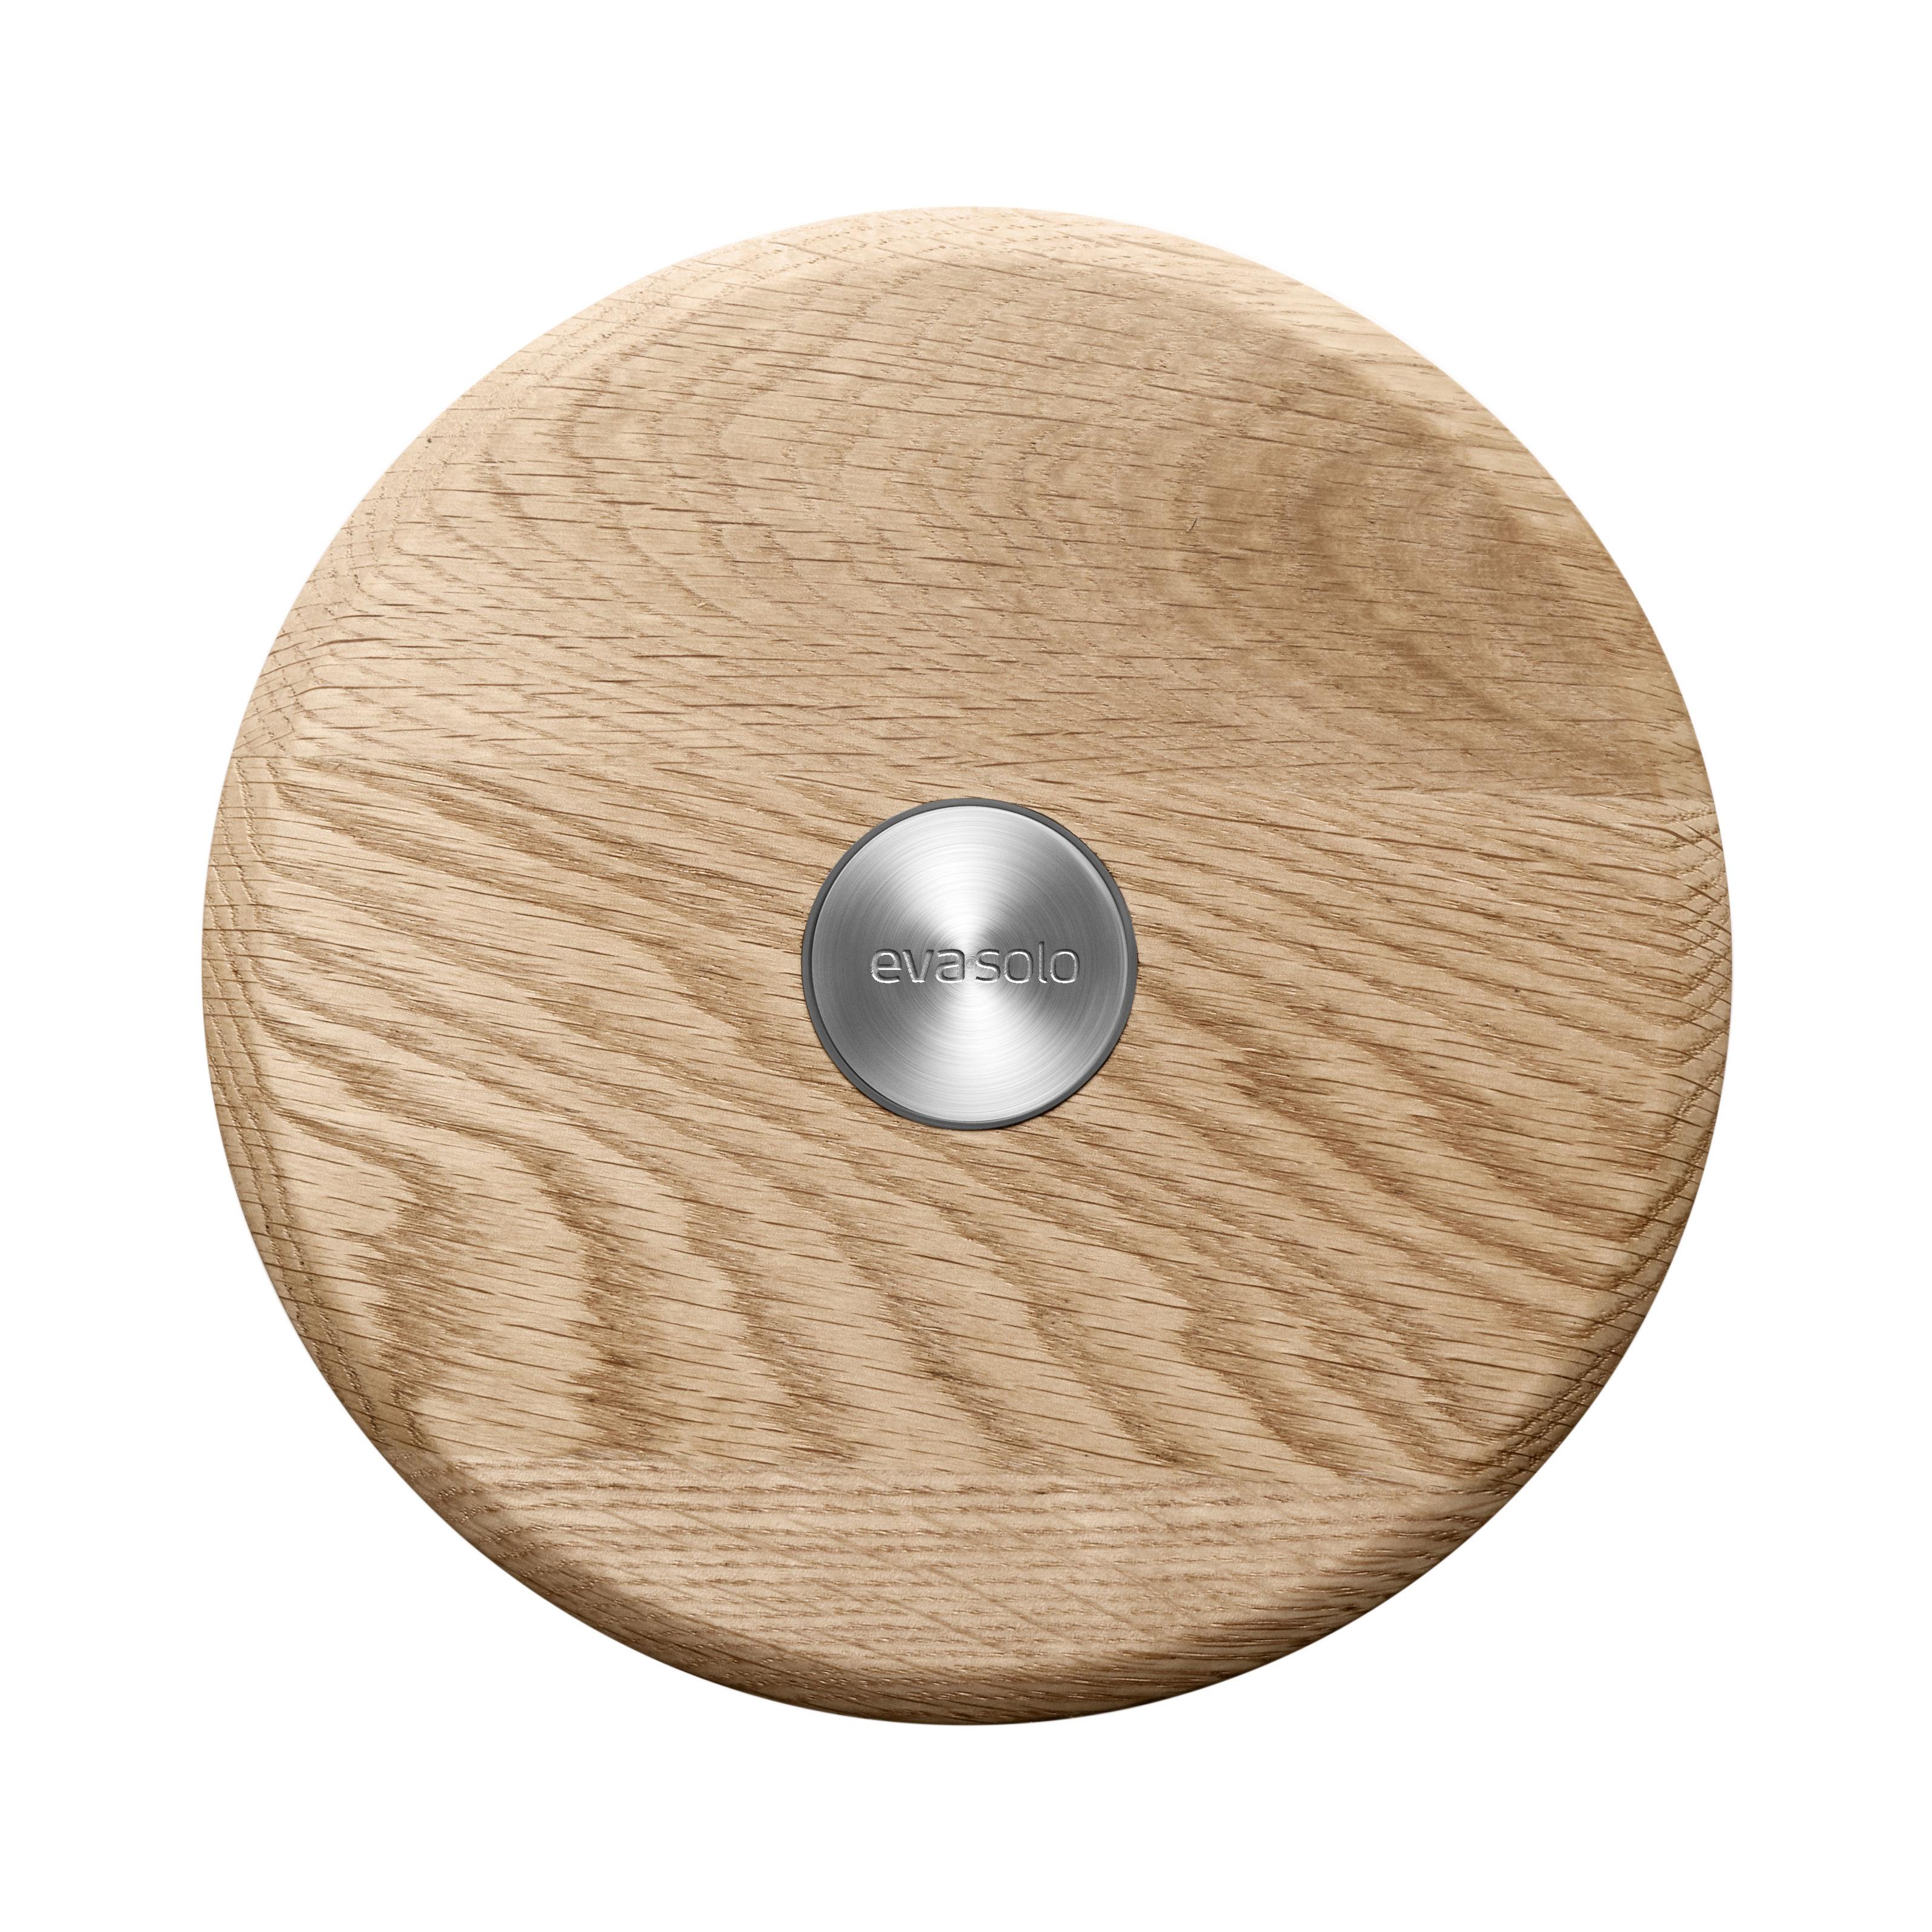 Arts de la table - Dessous de plat - Dessous de plat Nordic Kitchen / Magnétique - Eva Solo - Chêne vernis - Acier inoxydable, Chêne